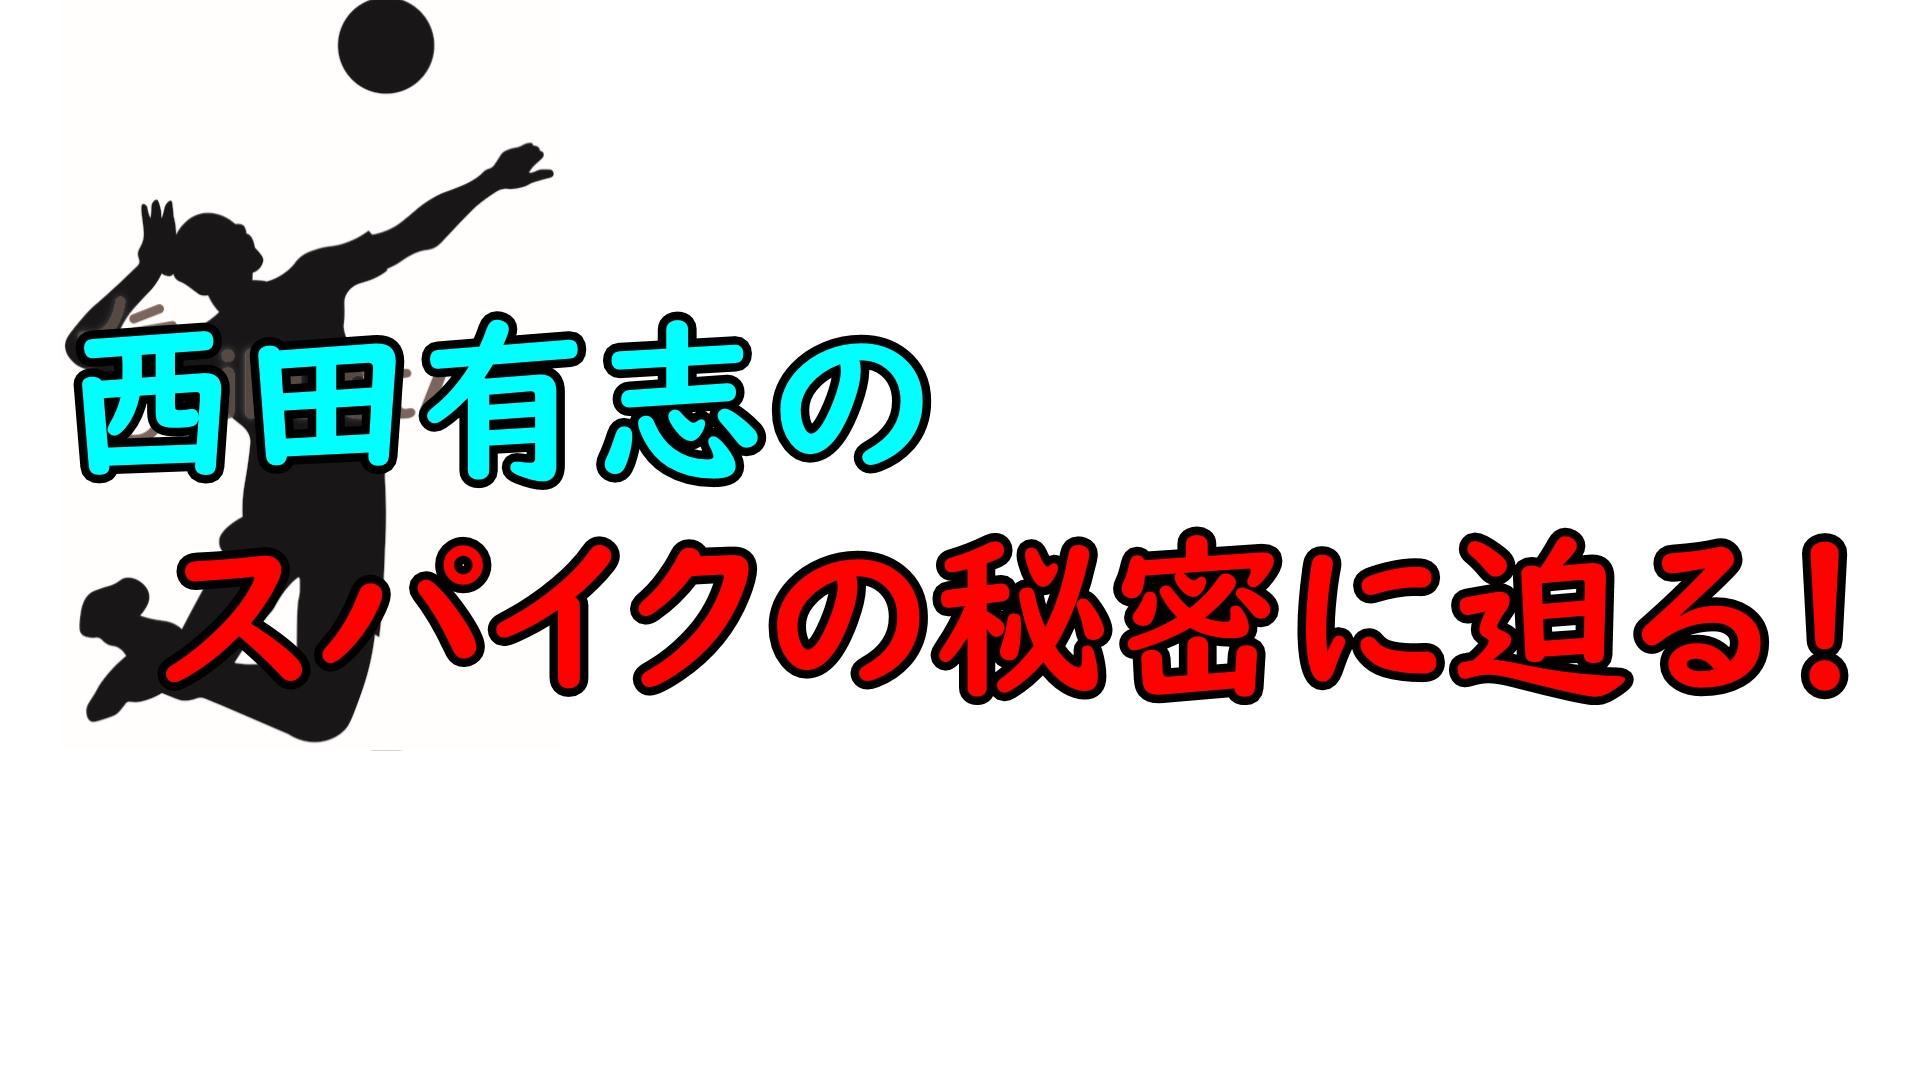 西田有志のスパイクはジャンプ力と筋肉が鍵!なぜ打てるのか